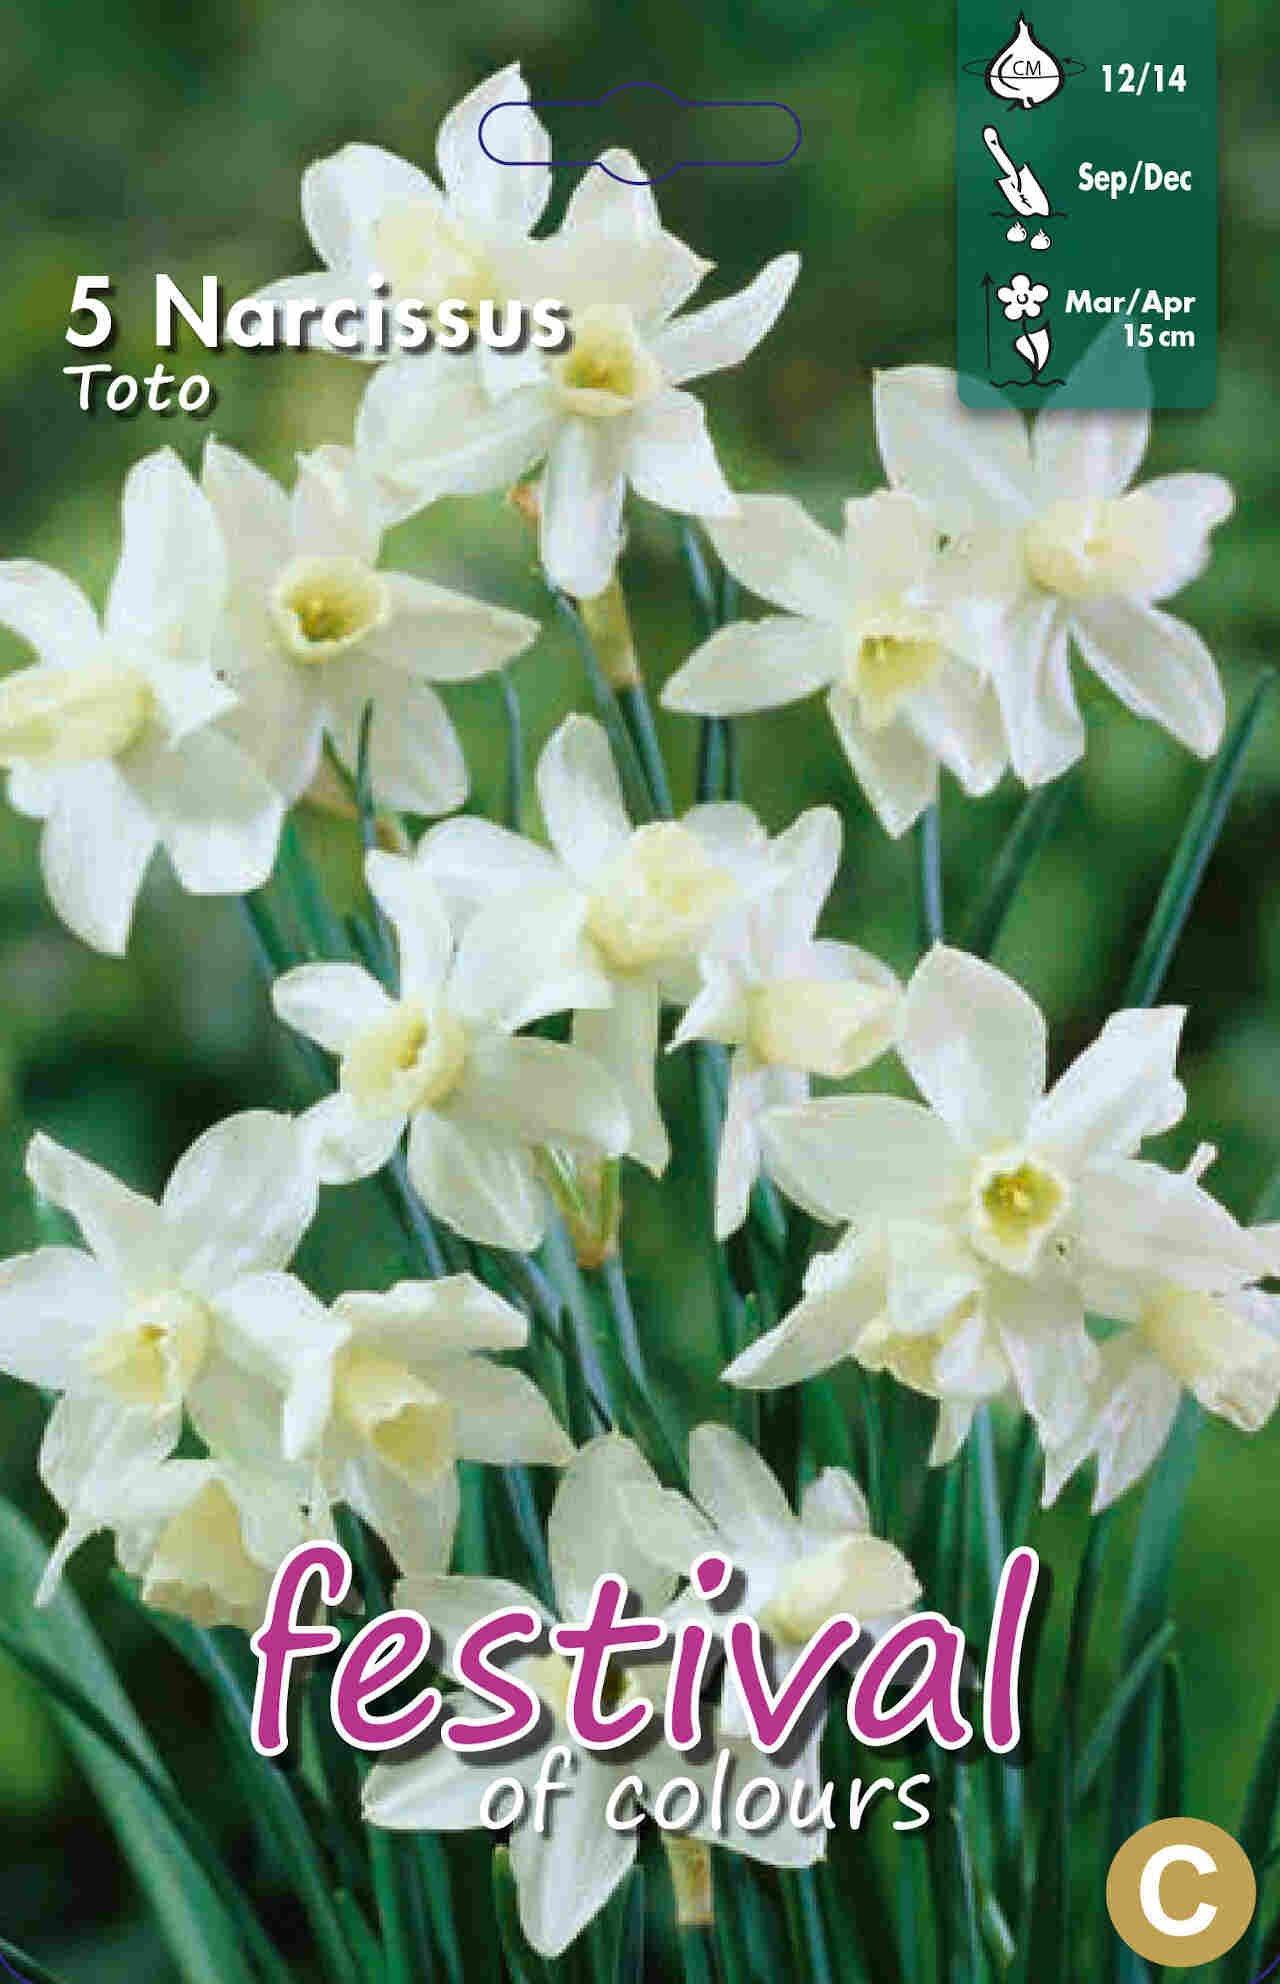 Påskelilje løg - Narcissus Toto 12/14